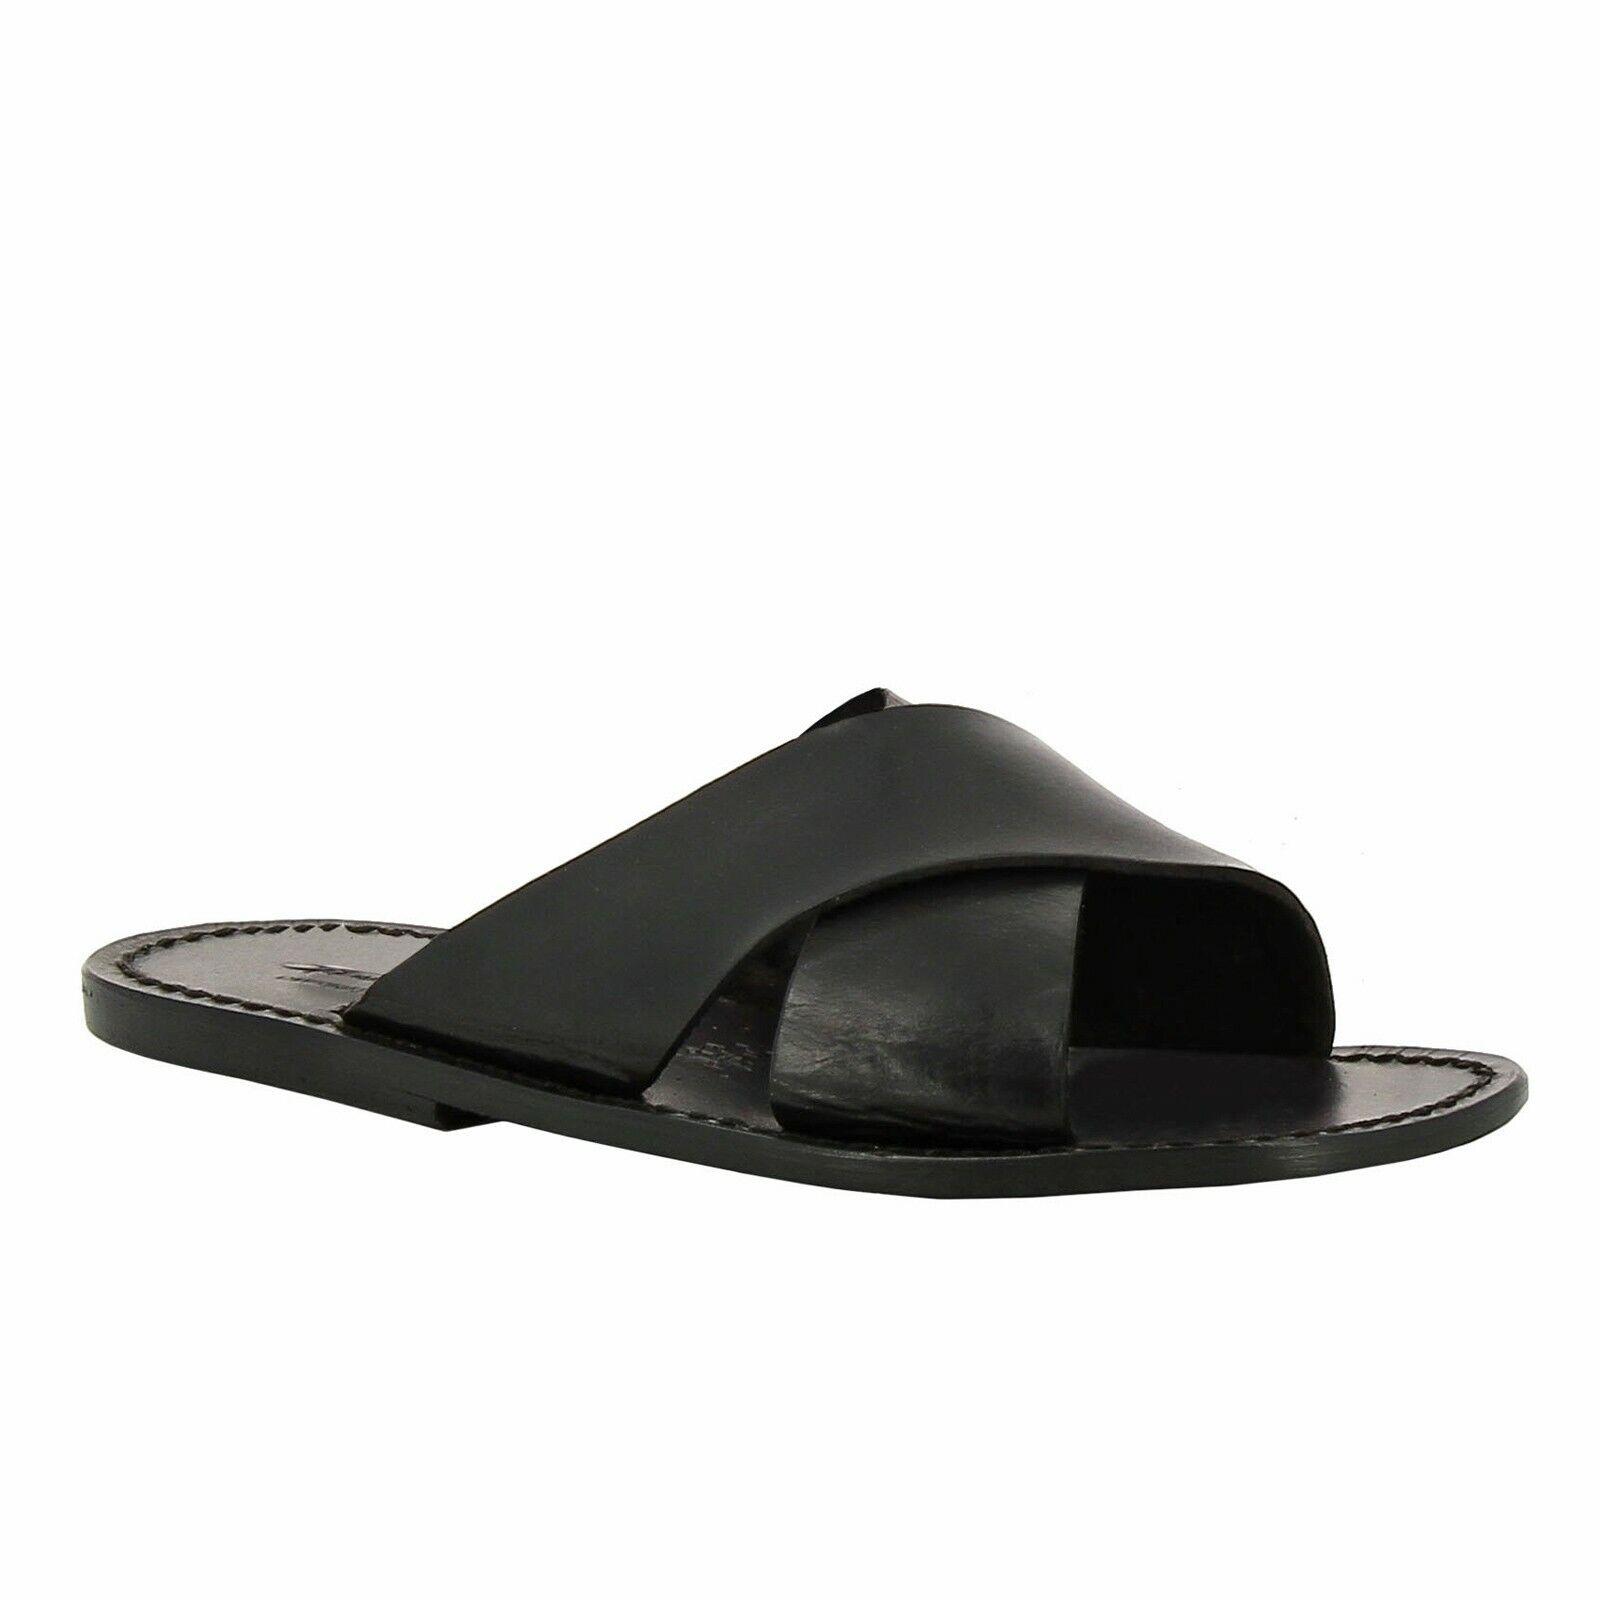 Zapatos italianos Hechos a mano para hombres Flip Flop Deslice Zapatillas en Negro de Cuero Genuino